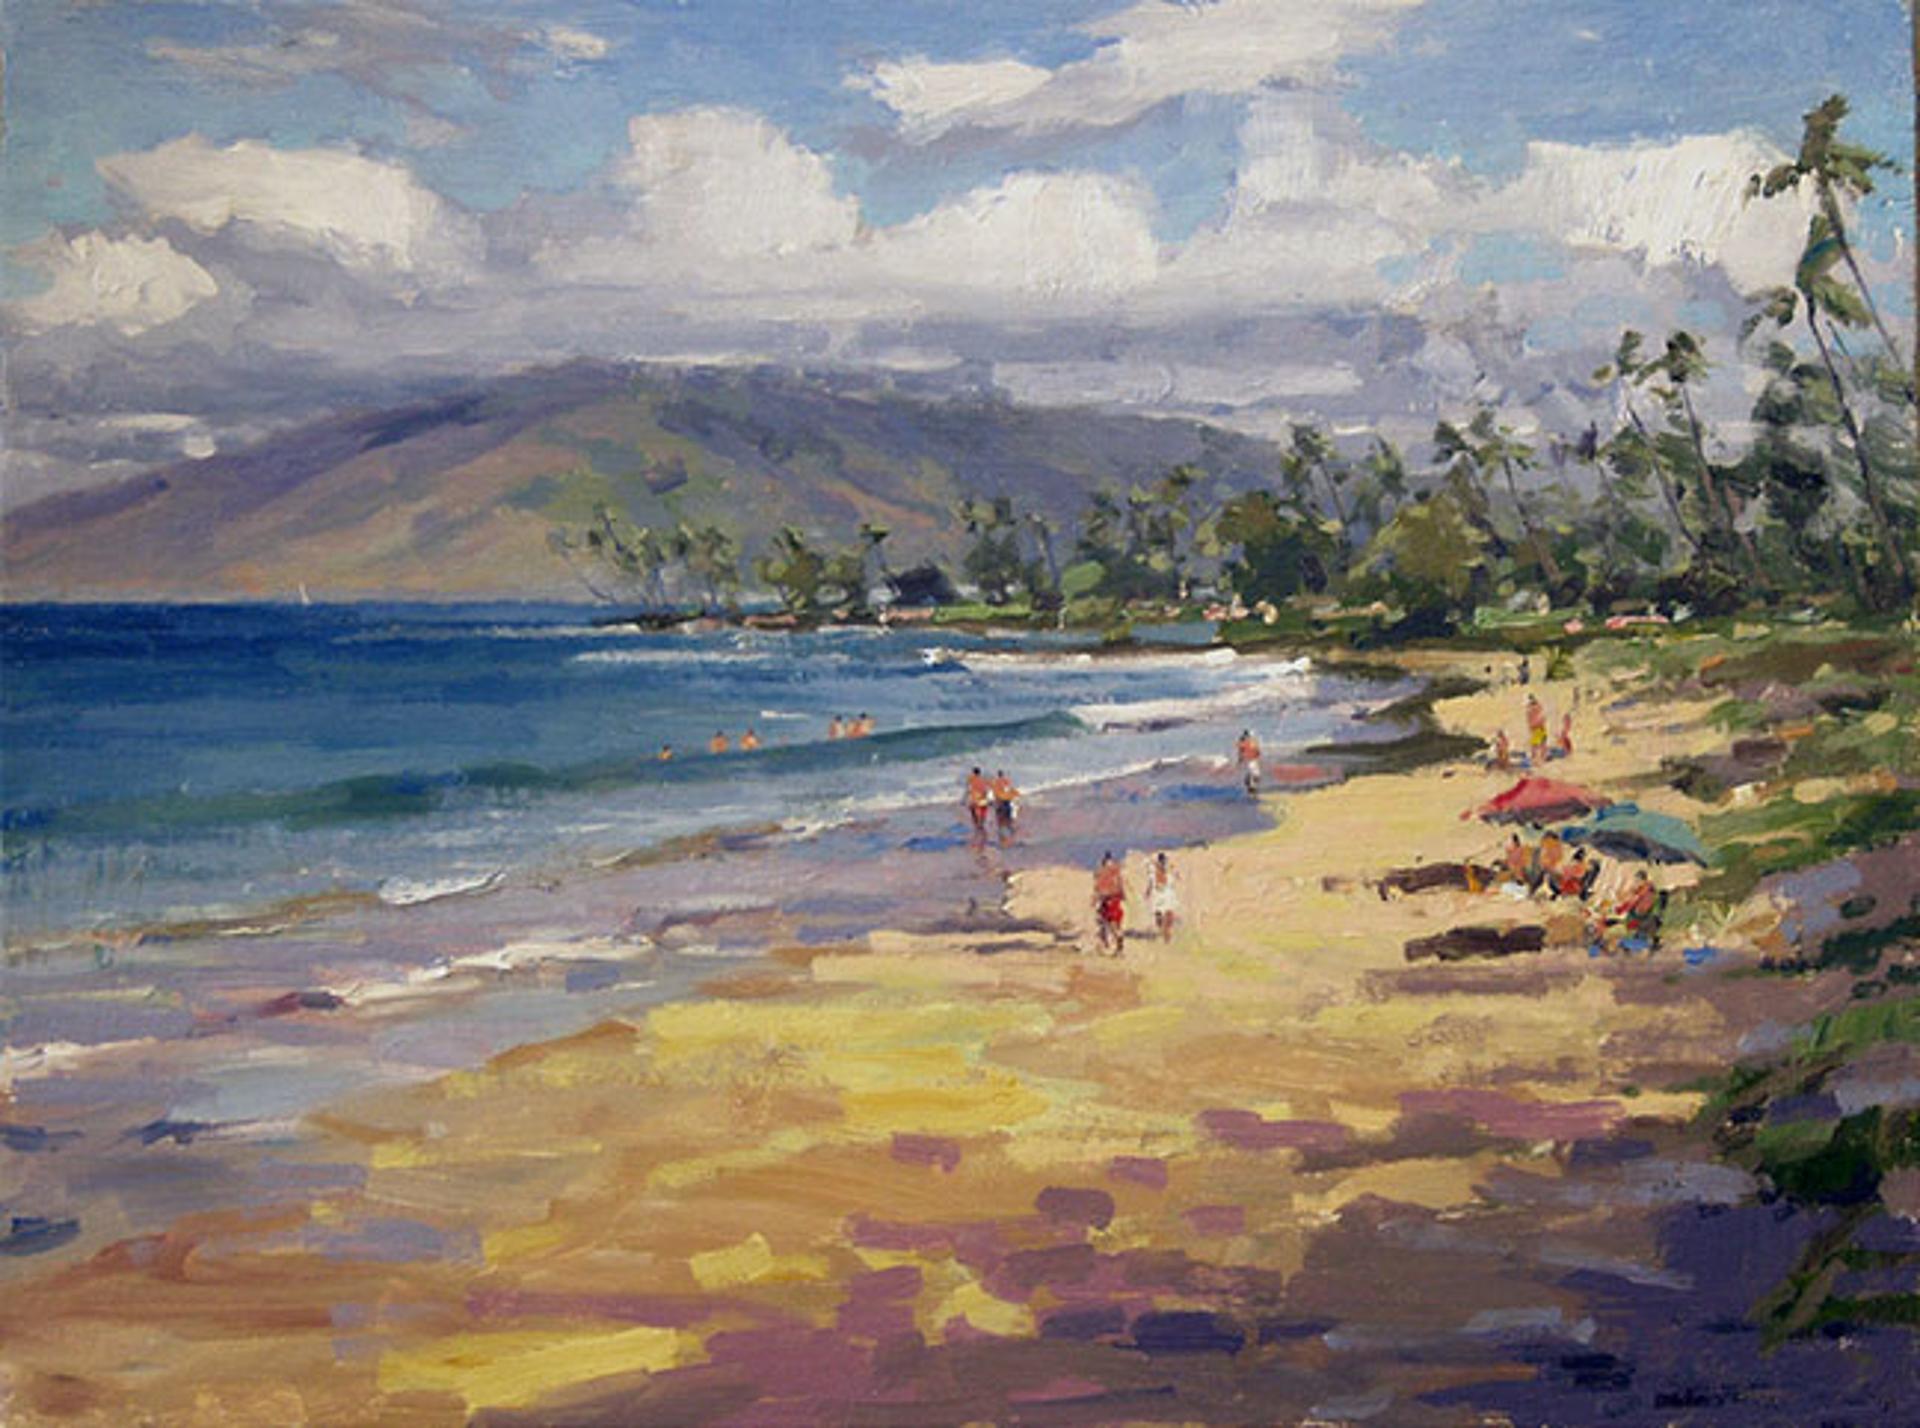 Maui Beach Walks, South Side by Ronaldo Macedo